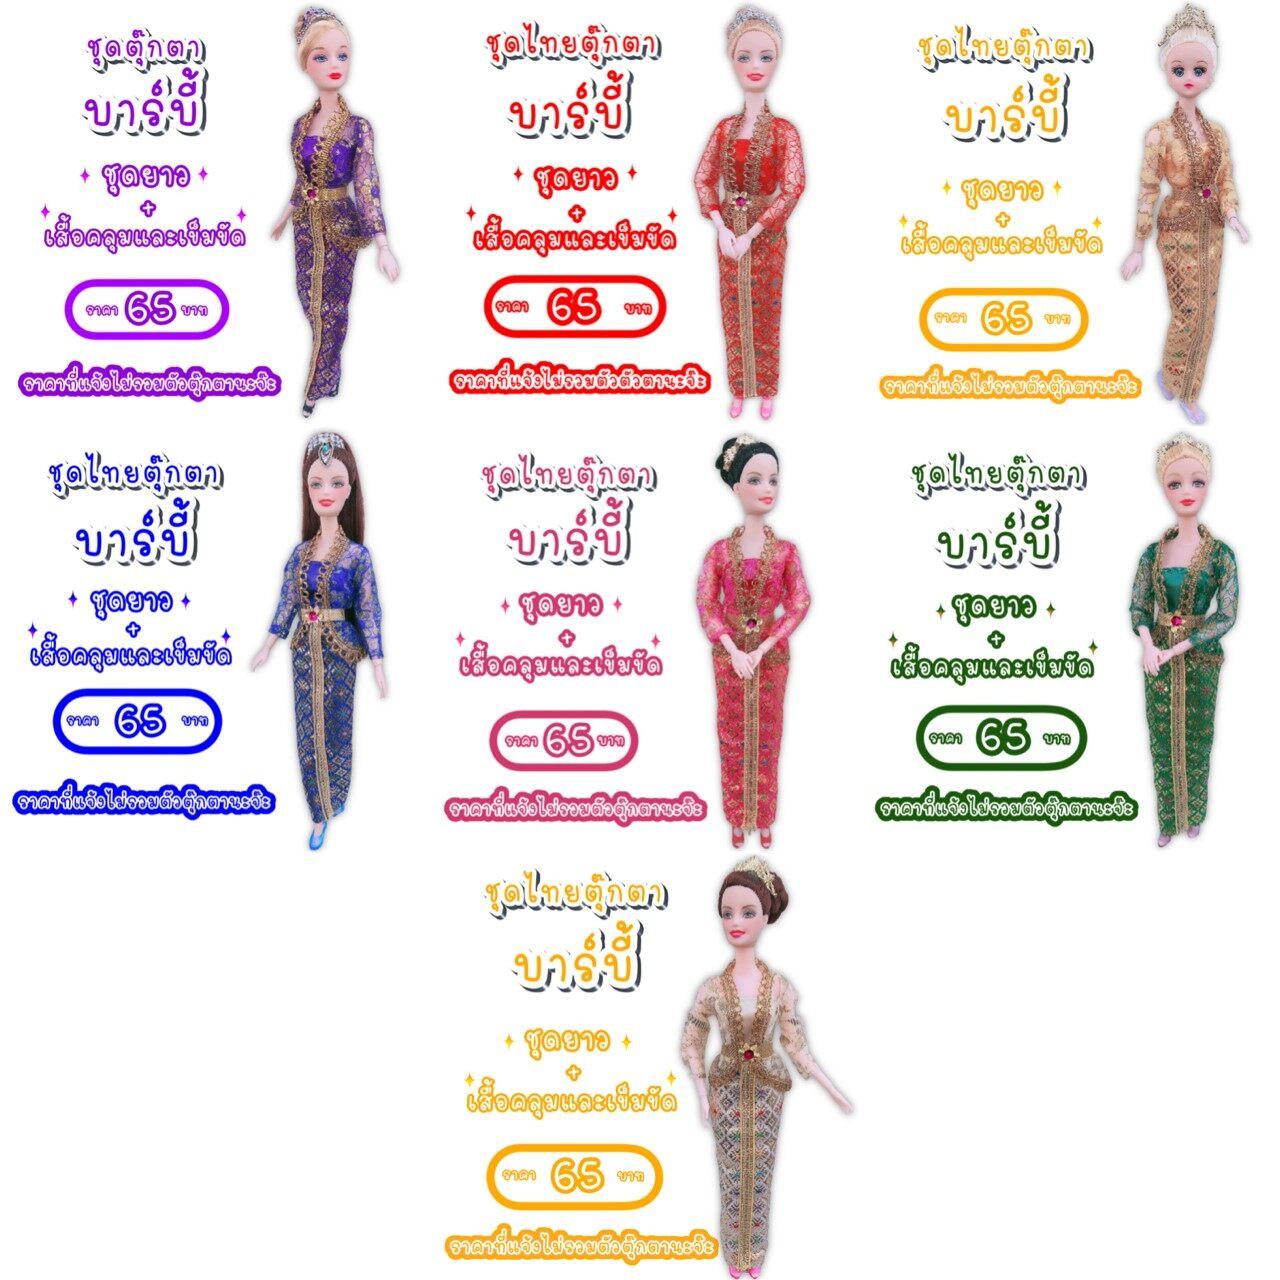 ชุดไทย ชุดตุ๊กตา ของถวายแก้บนได้.